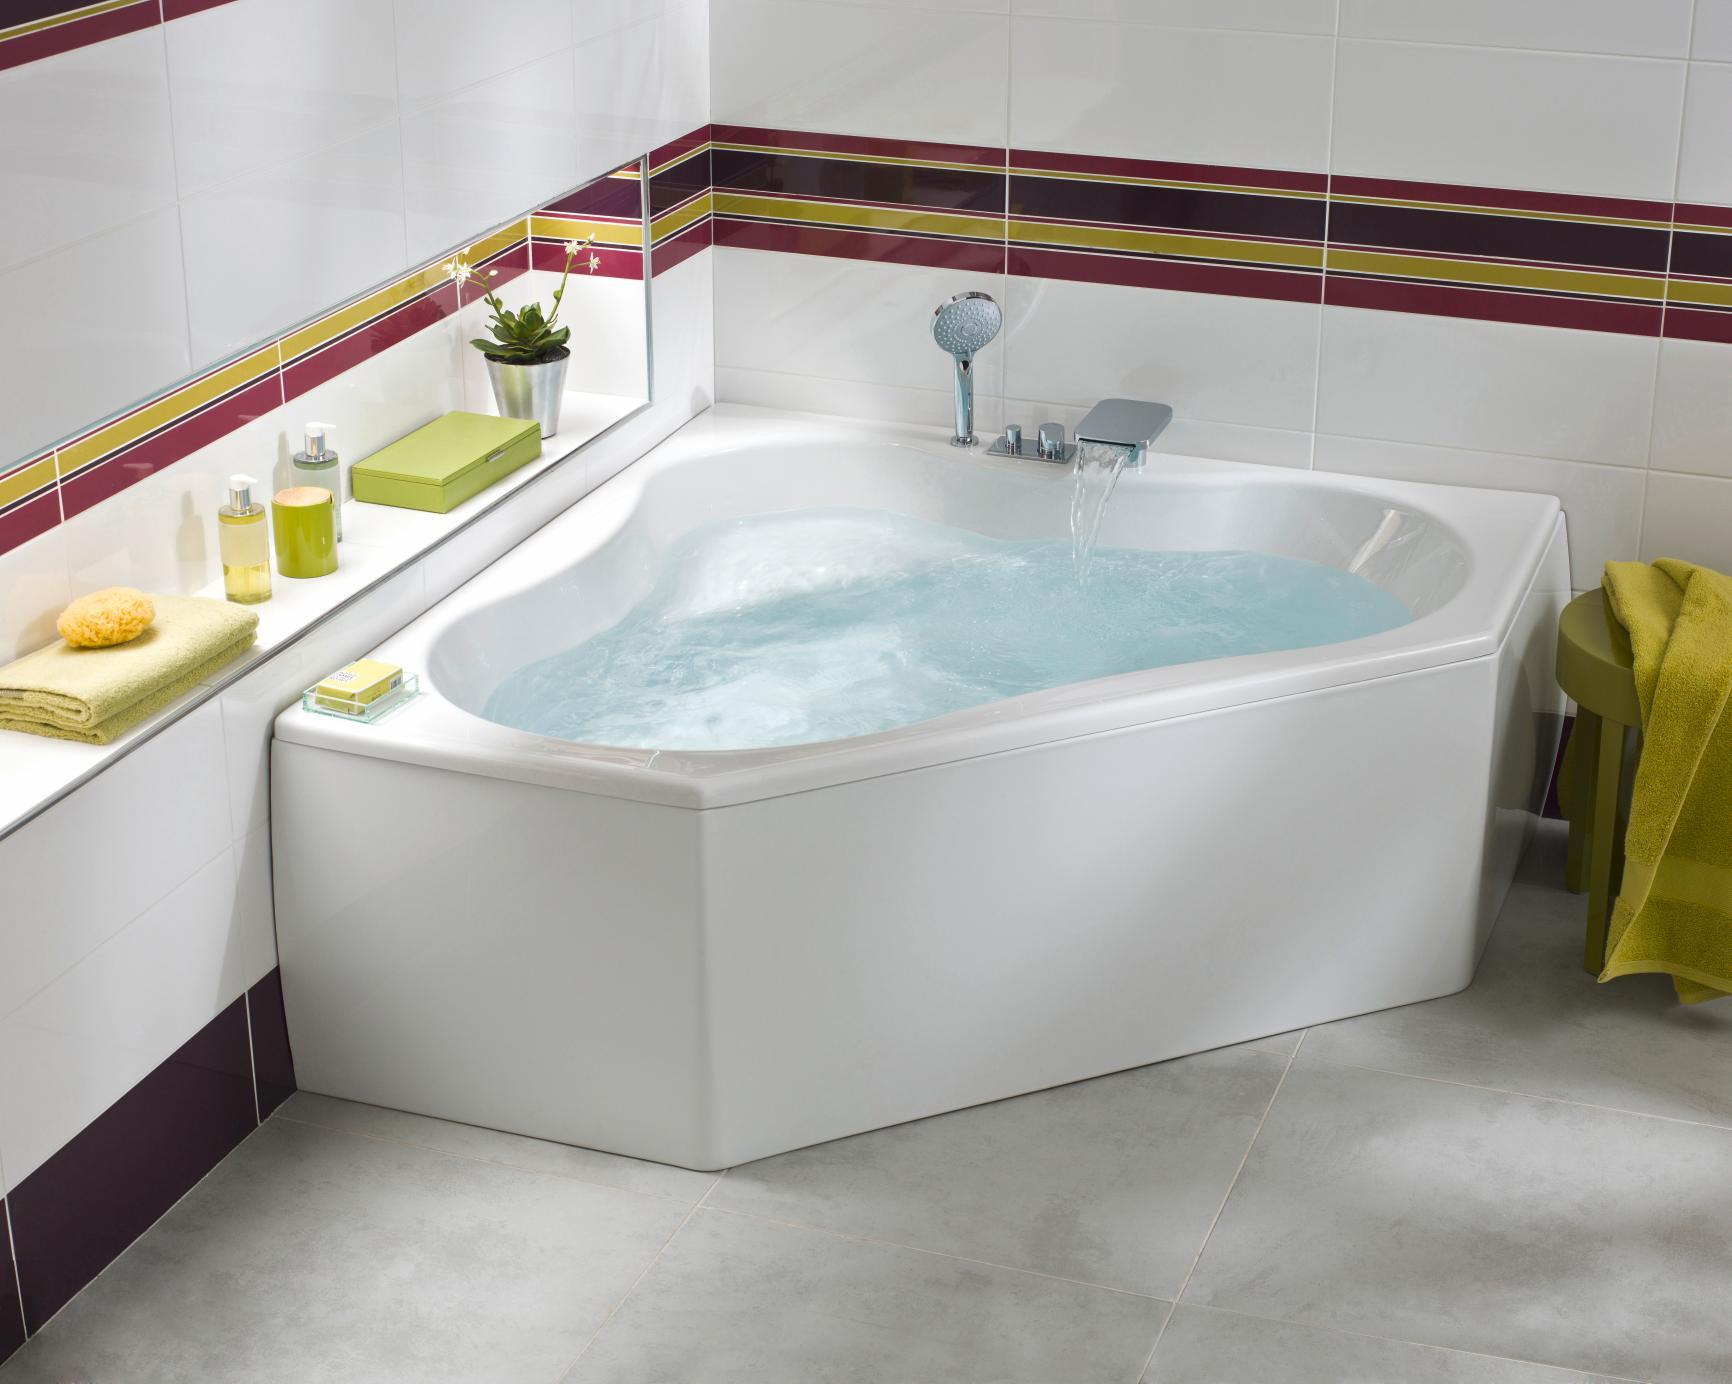 Baignoire gain de place castorama maison design - Castorama salle de bain baignoire ...